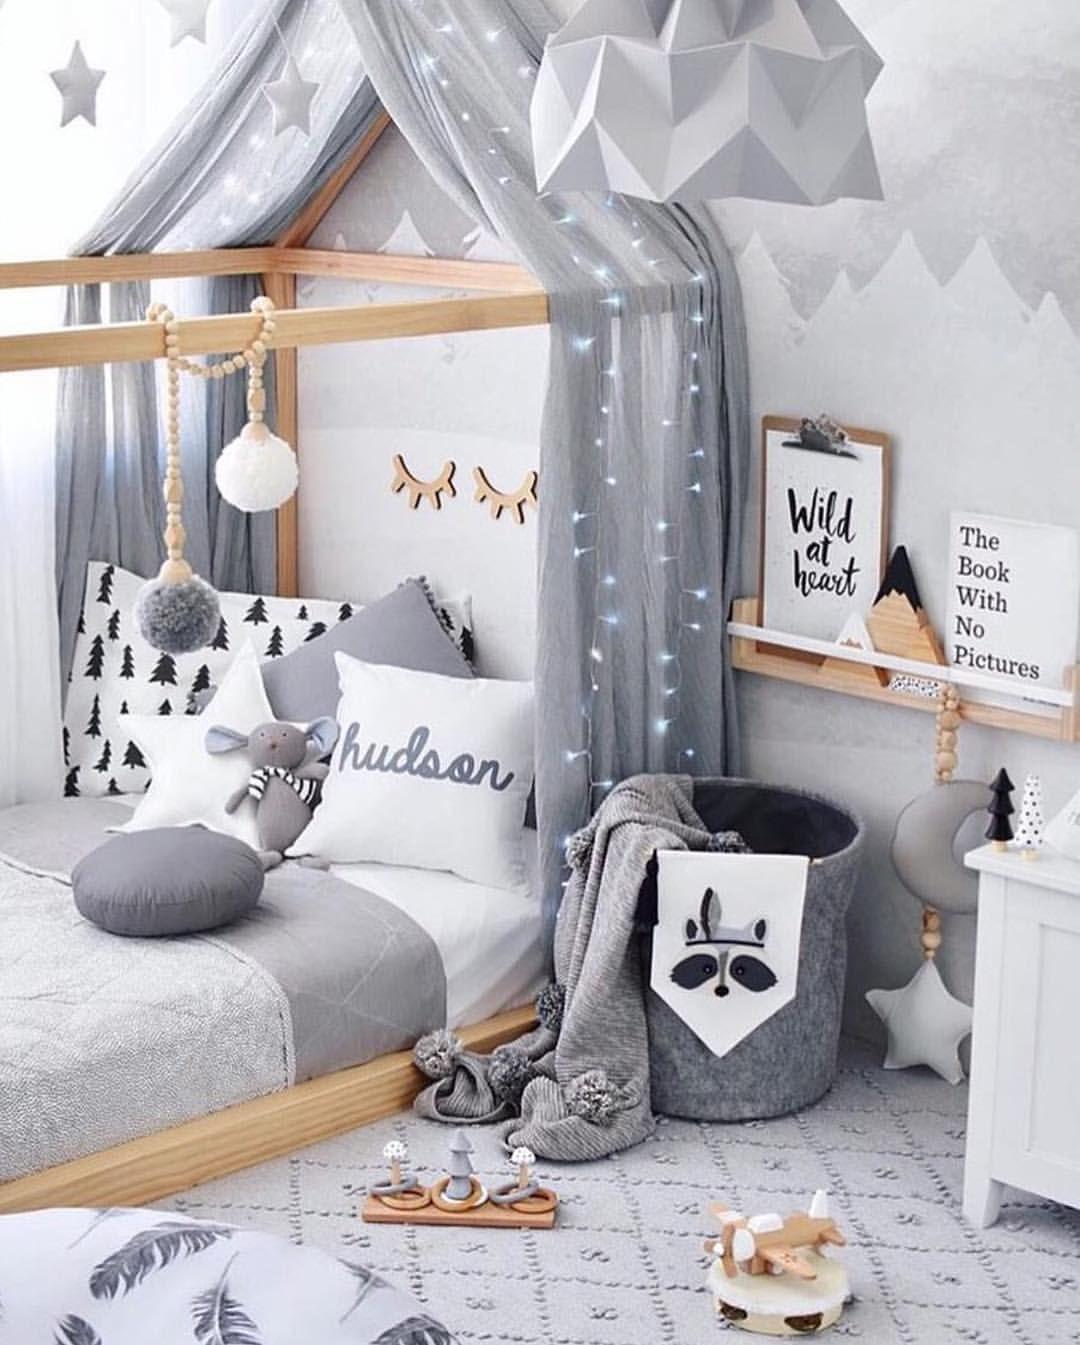 Mooie Slaapkamer Voor Kinderen.10 X Onze Favoriete Kinderkamers Kinderkamer Kinderkamer